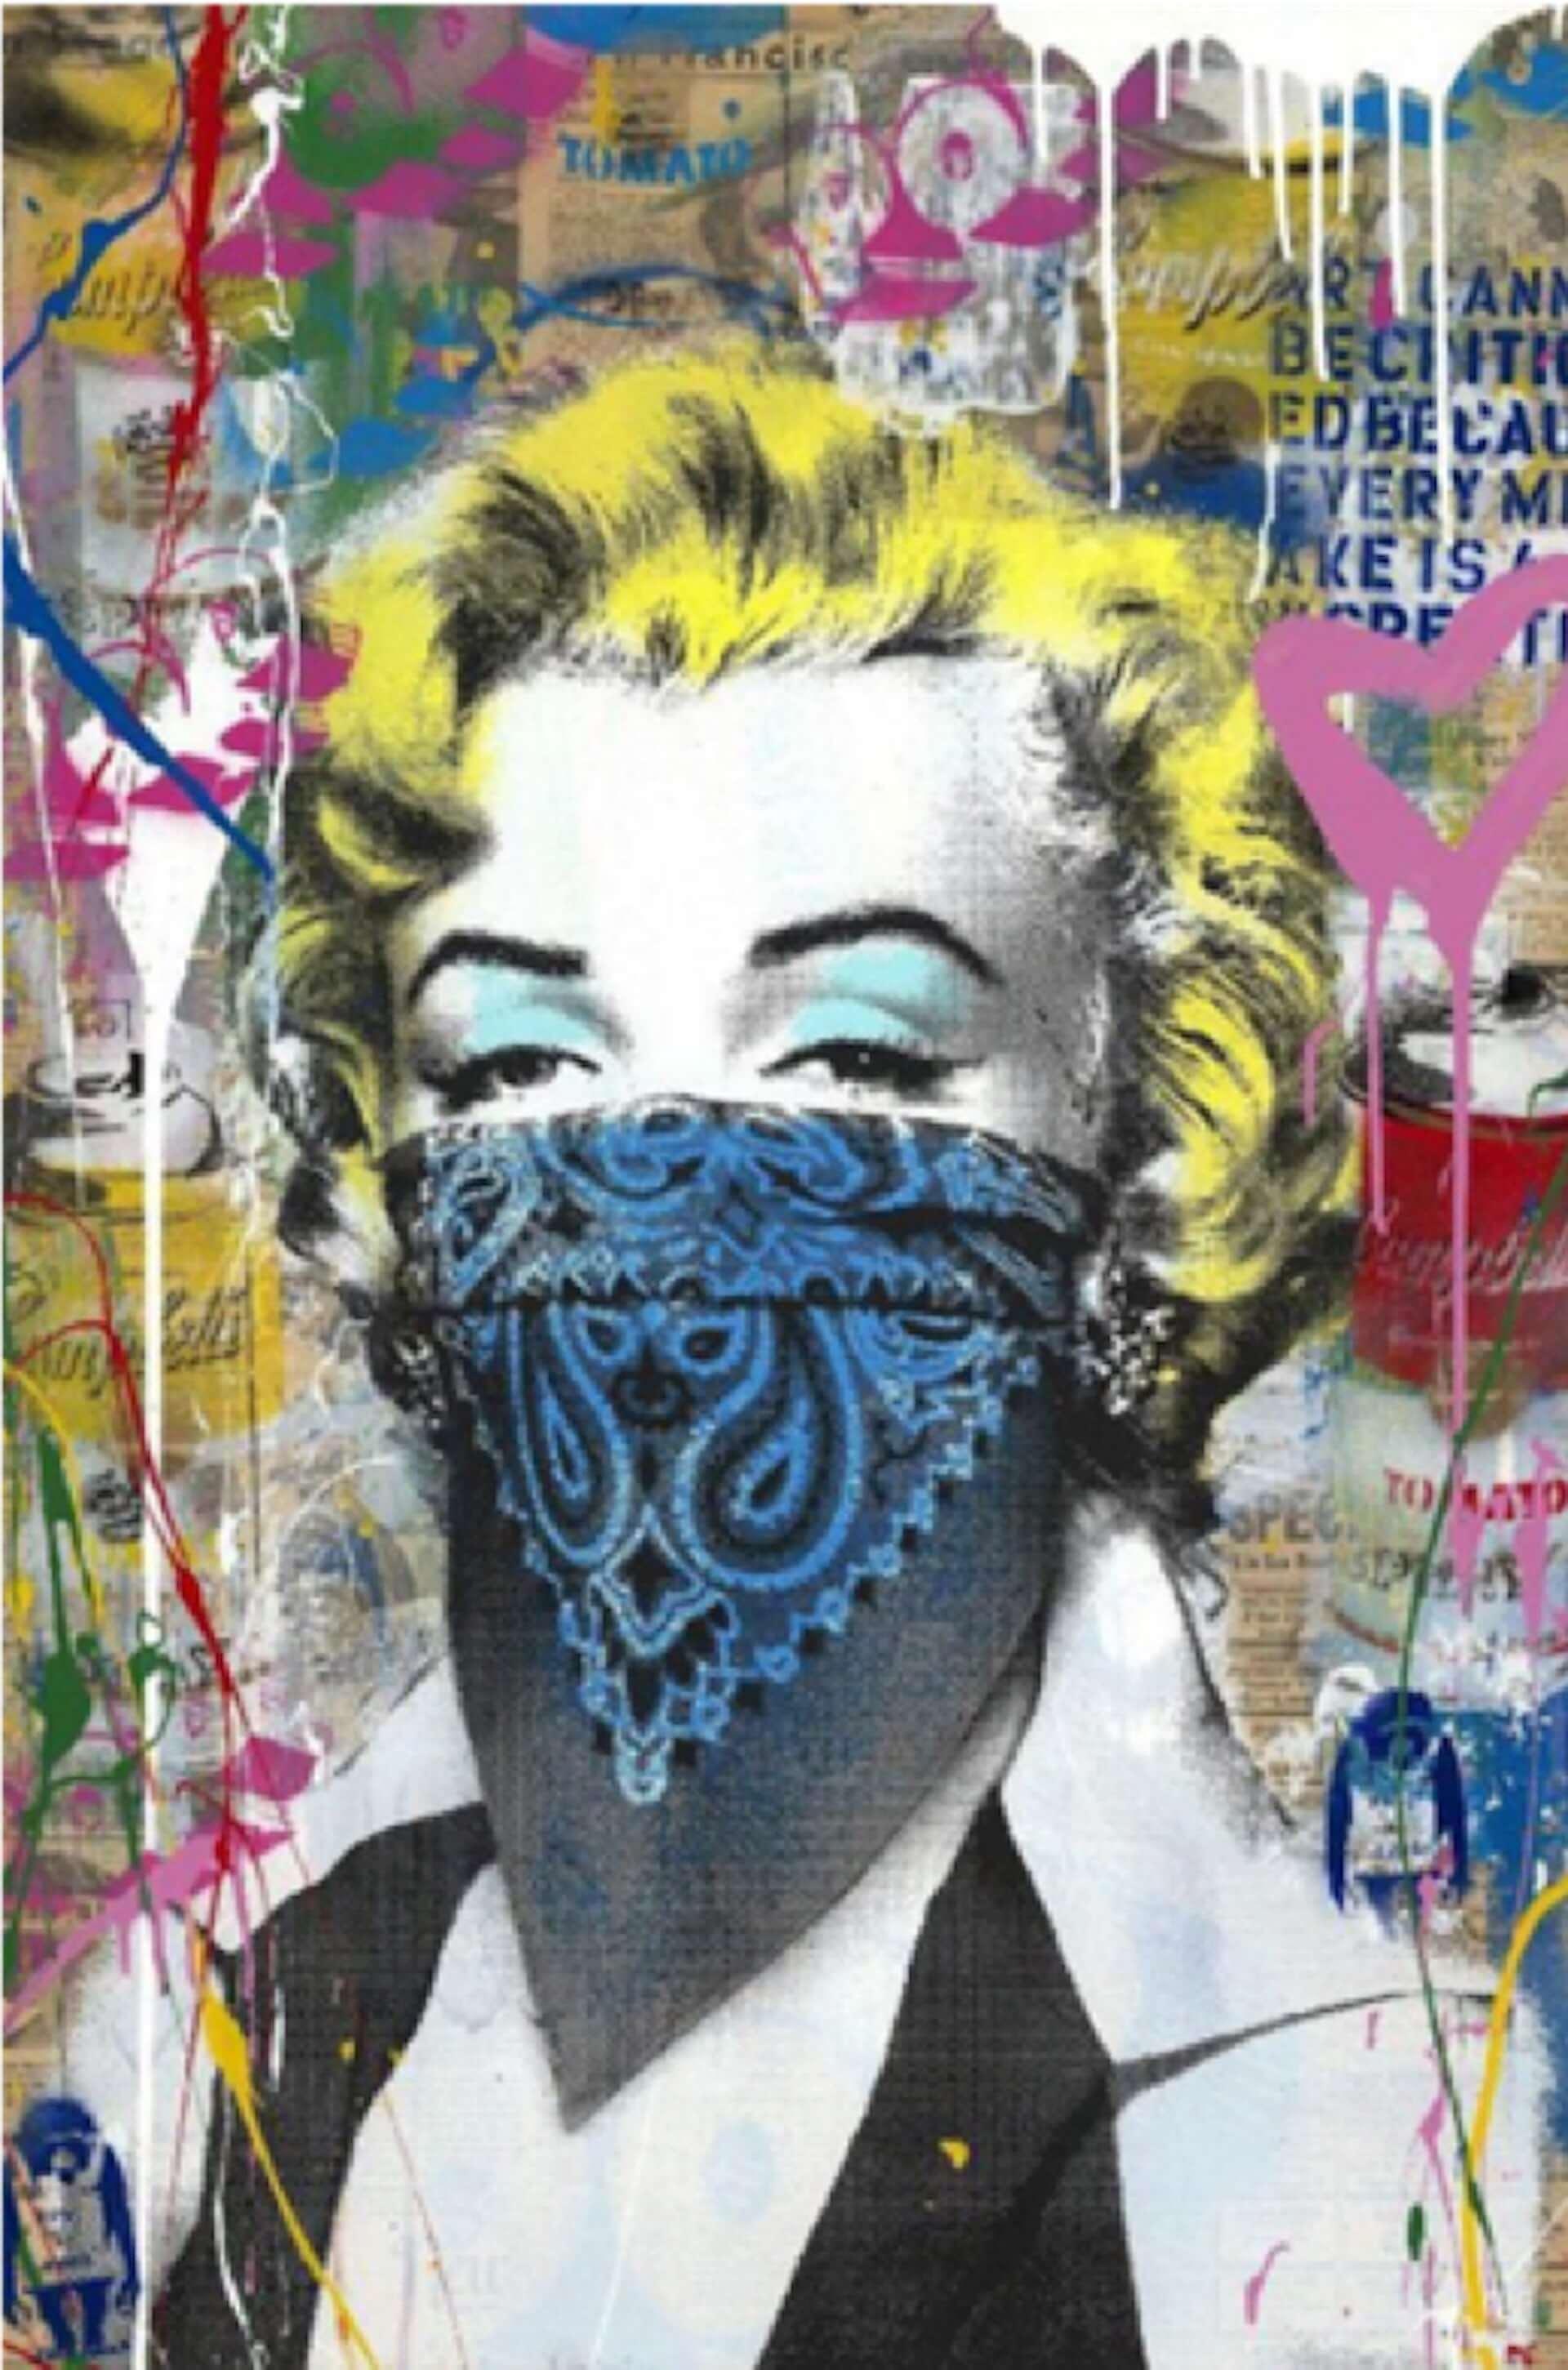 バンクシー映画を機にアーティストになったミスター・ブレインウォッシュの大型個展<LIFE IS BEAUTIFUL>が渋谷PARCOにて開催決定! art210216_mr-brainwash_2-1920x2902